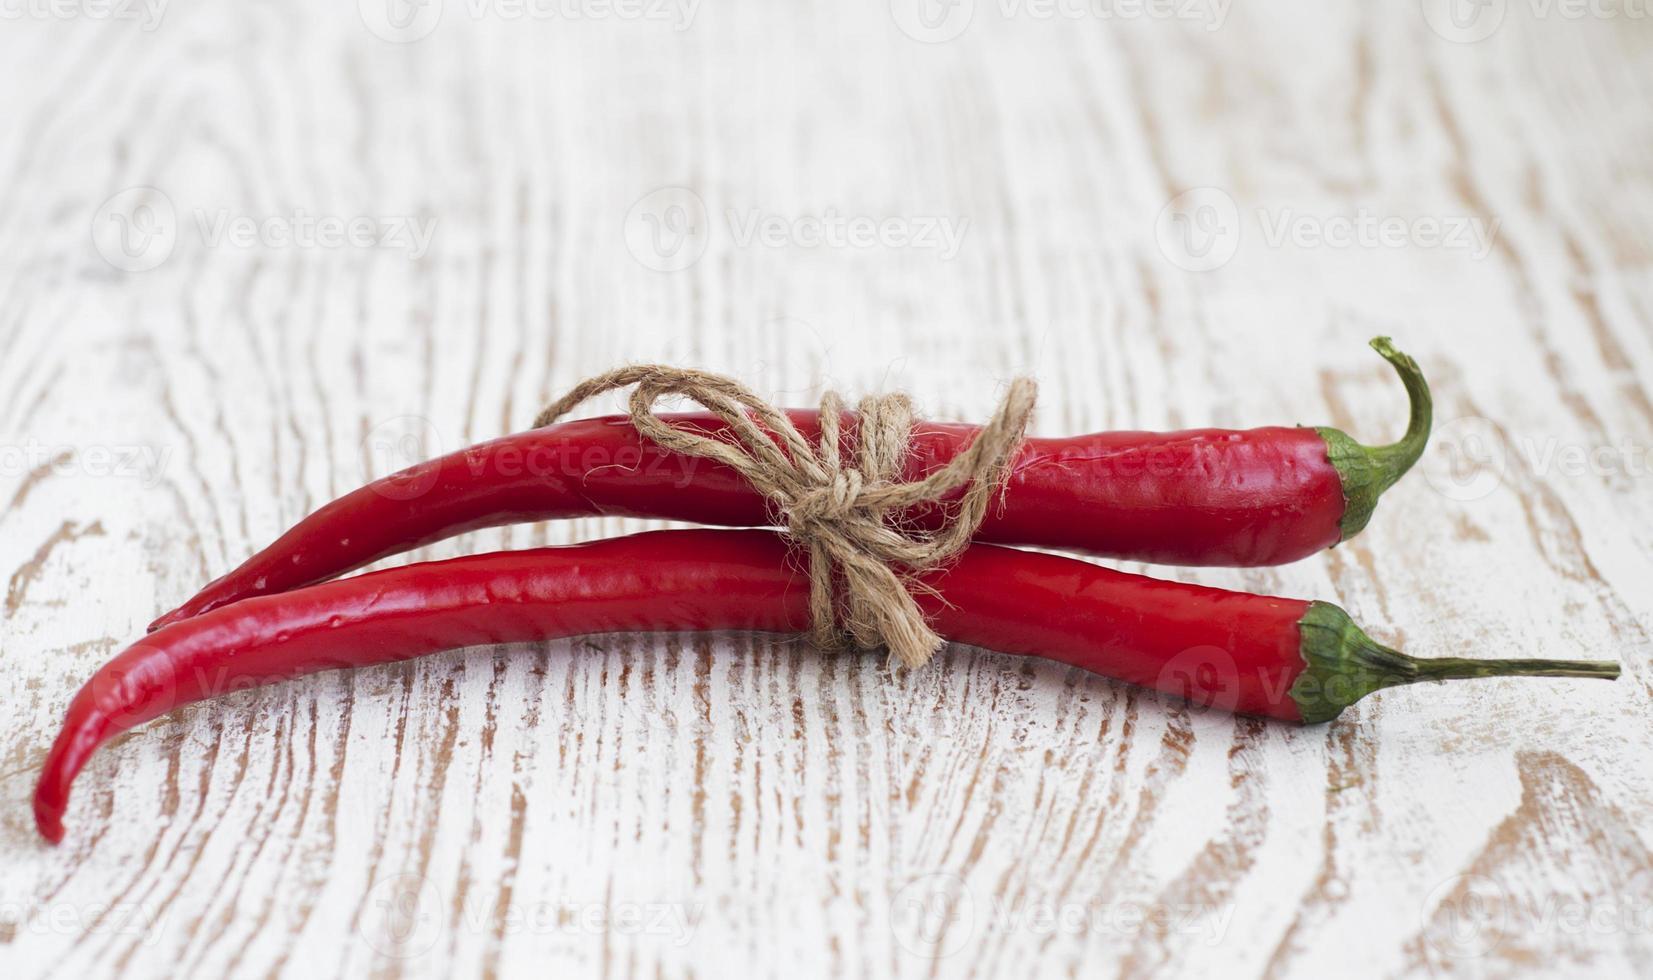 röda varma paprika foto